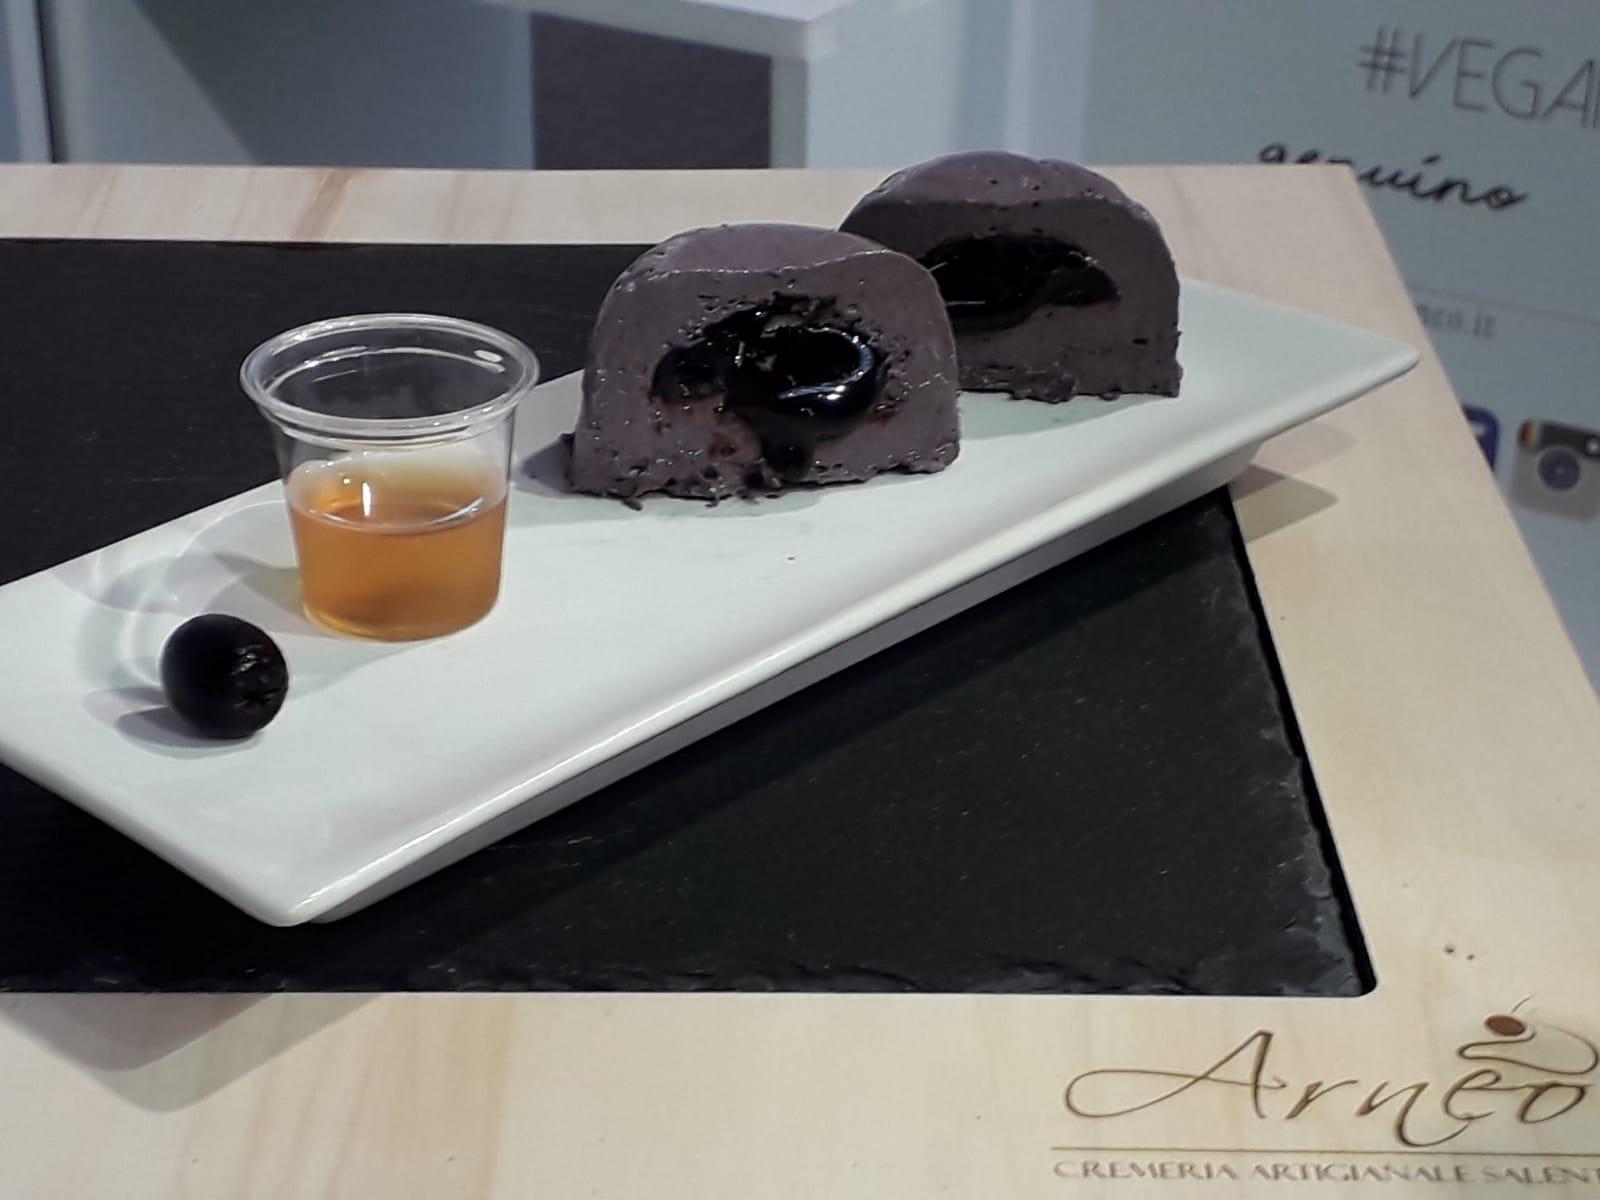 Consigliamo di accompagnare il #gelato alle #olivenere con un bicchierino di rum